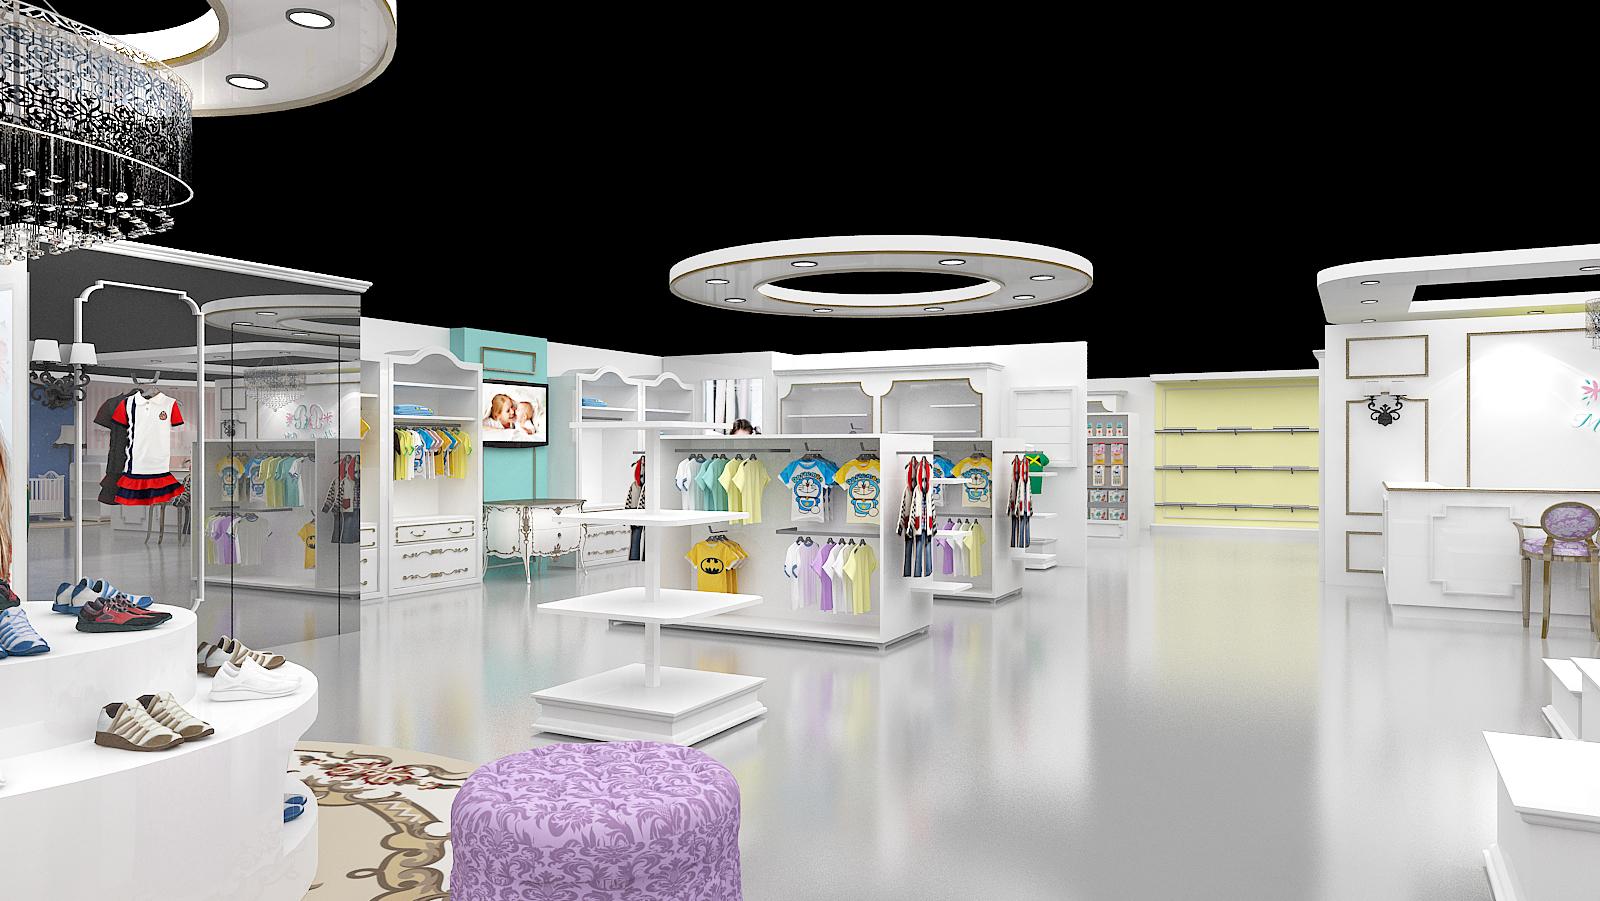 儿童服装专卖店办公场所装修效果图